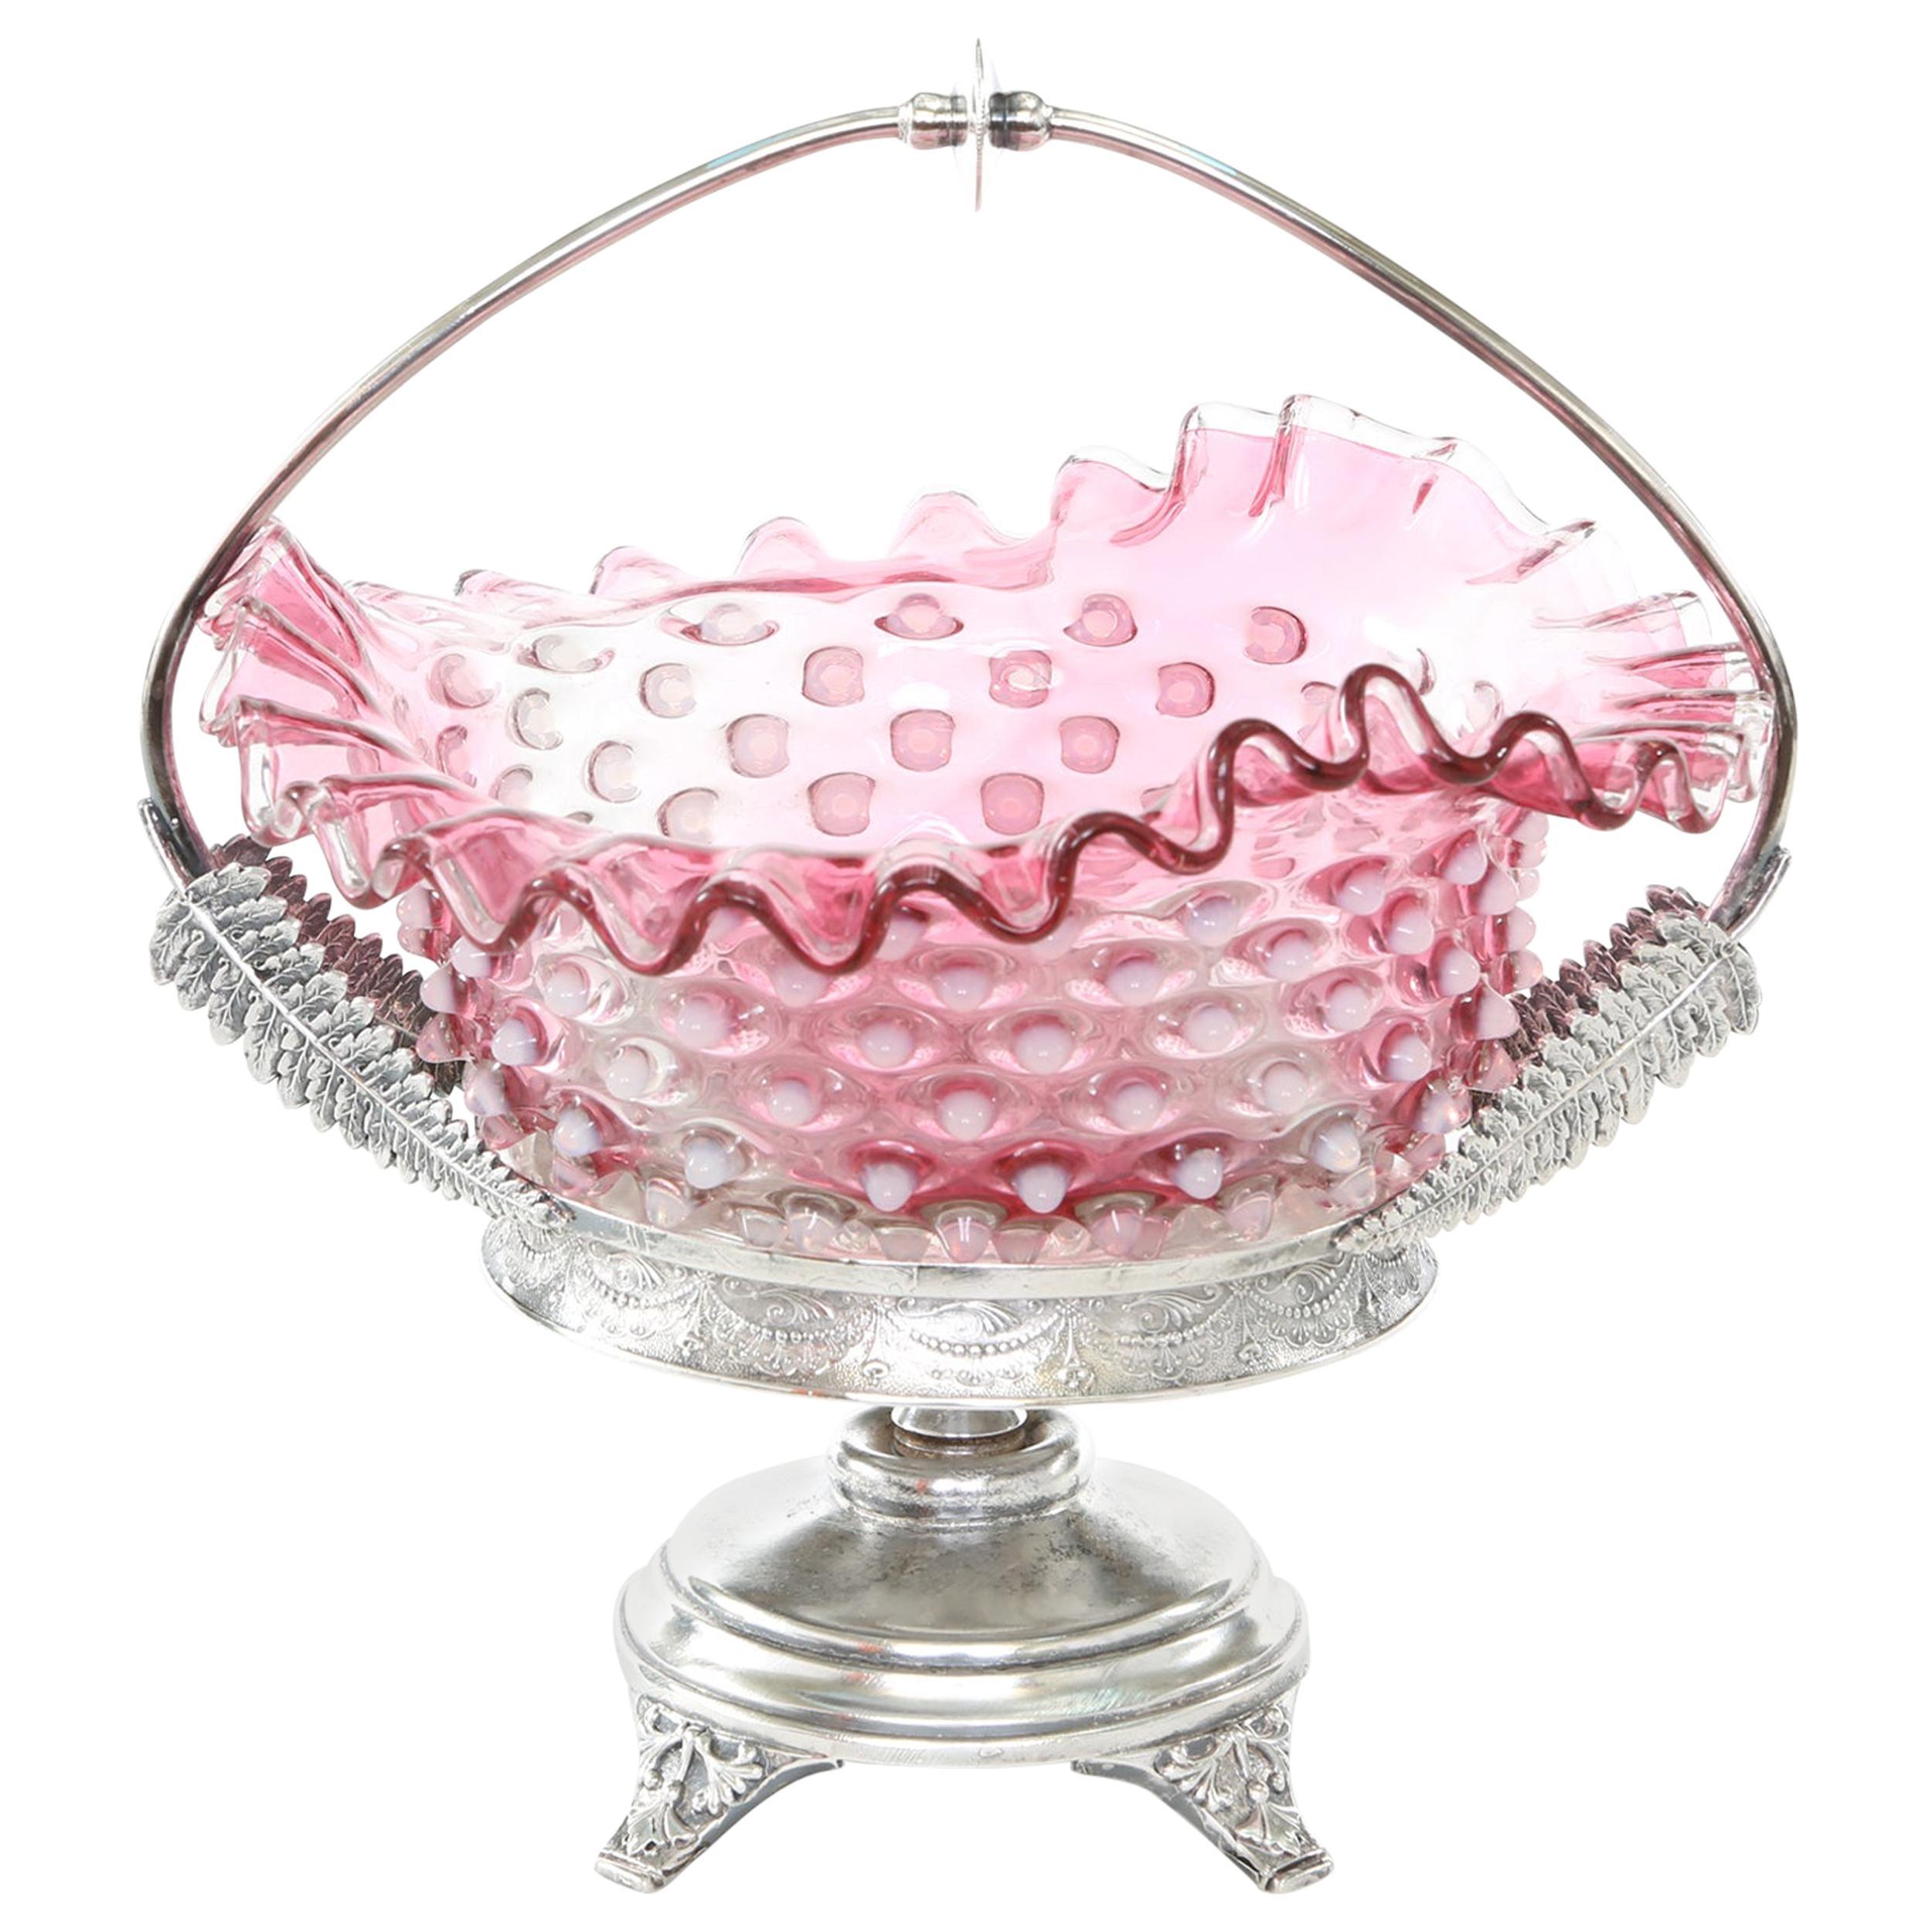 Silver Plated Framed Pink Crystal Brides Basket